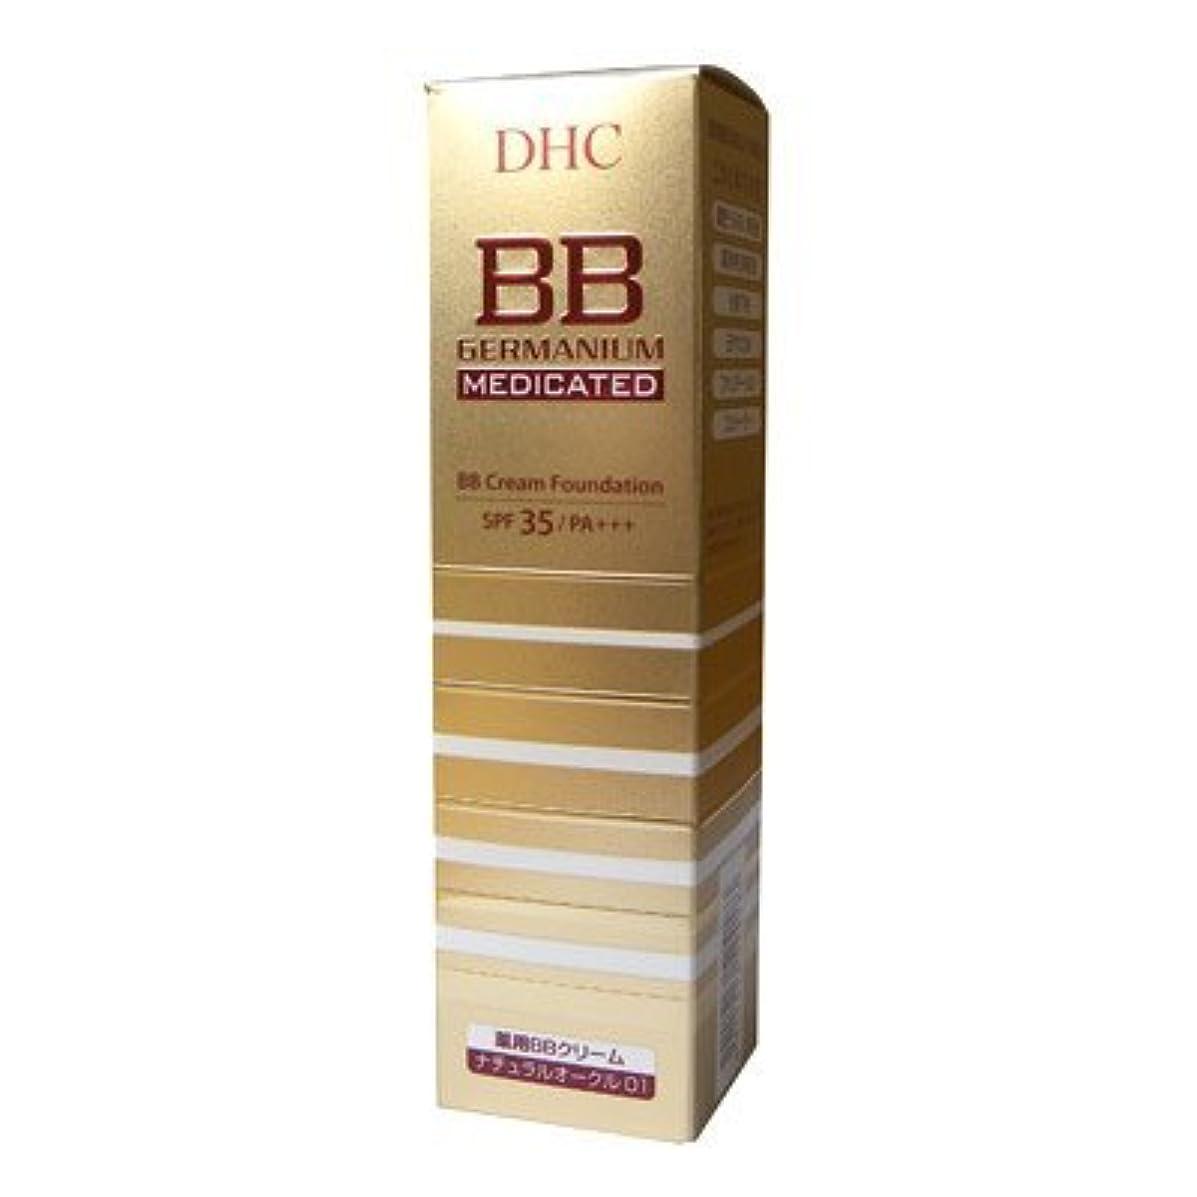 ナチュラル紫の代表するDHC 薬用 BBクリーム GE 01ナチュラルオークル 40g 医薬部外品